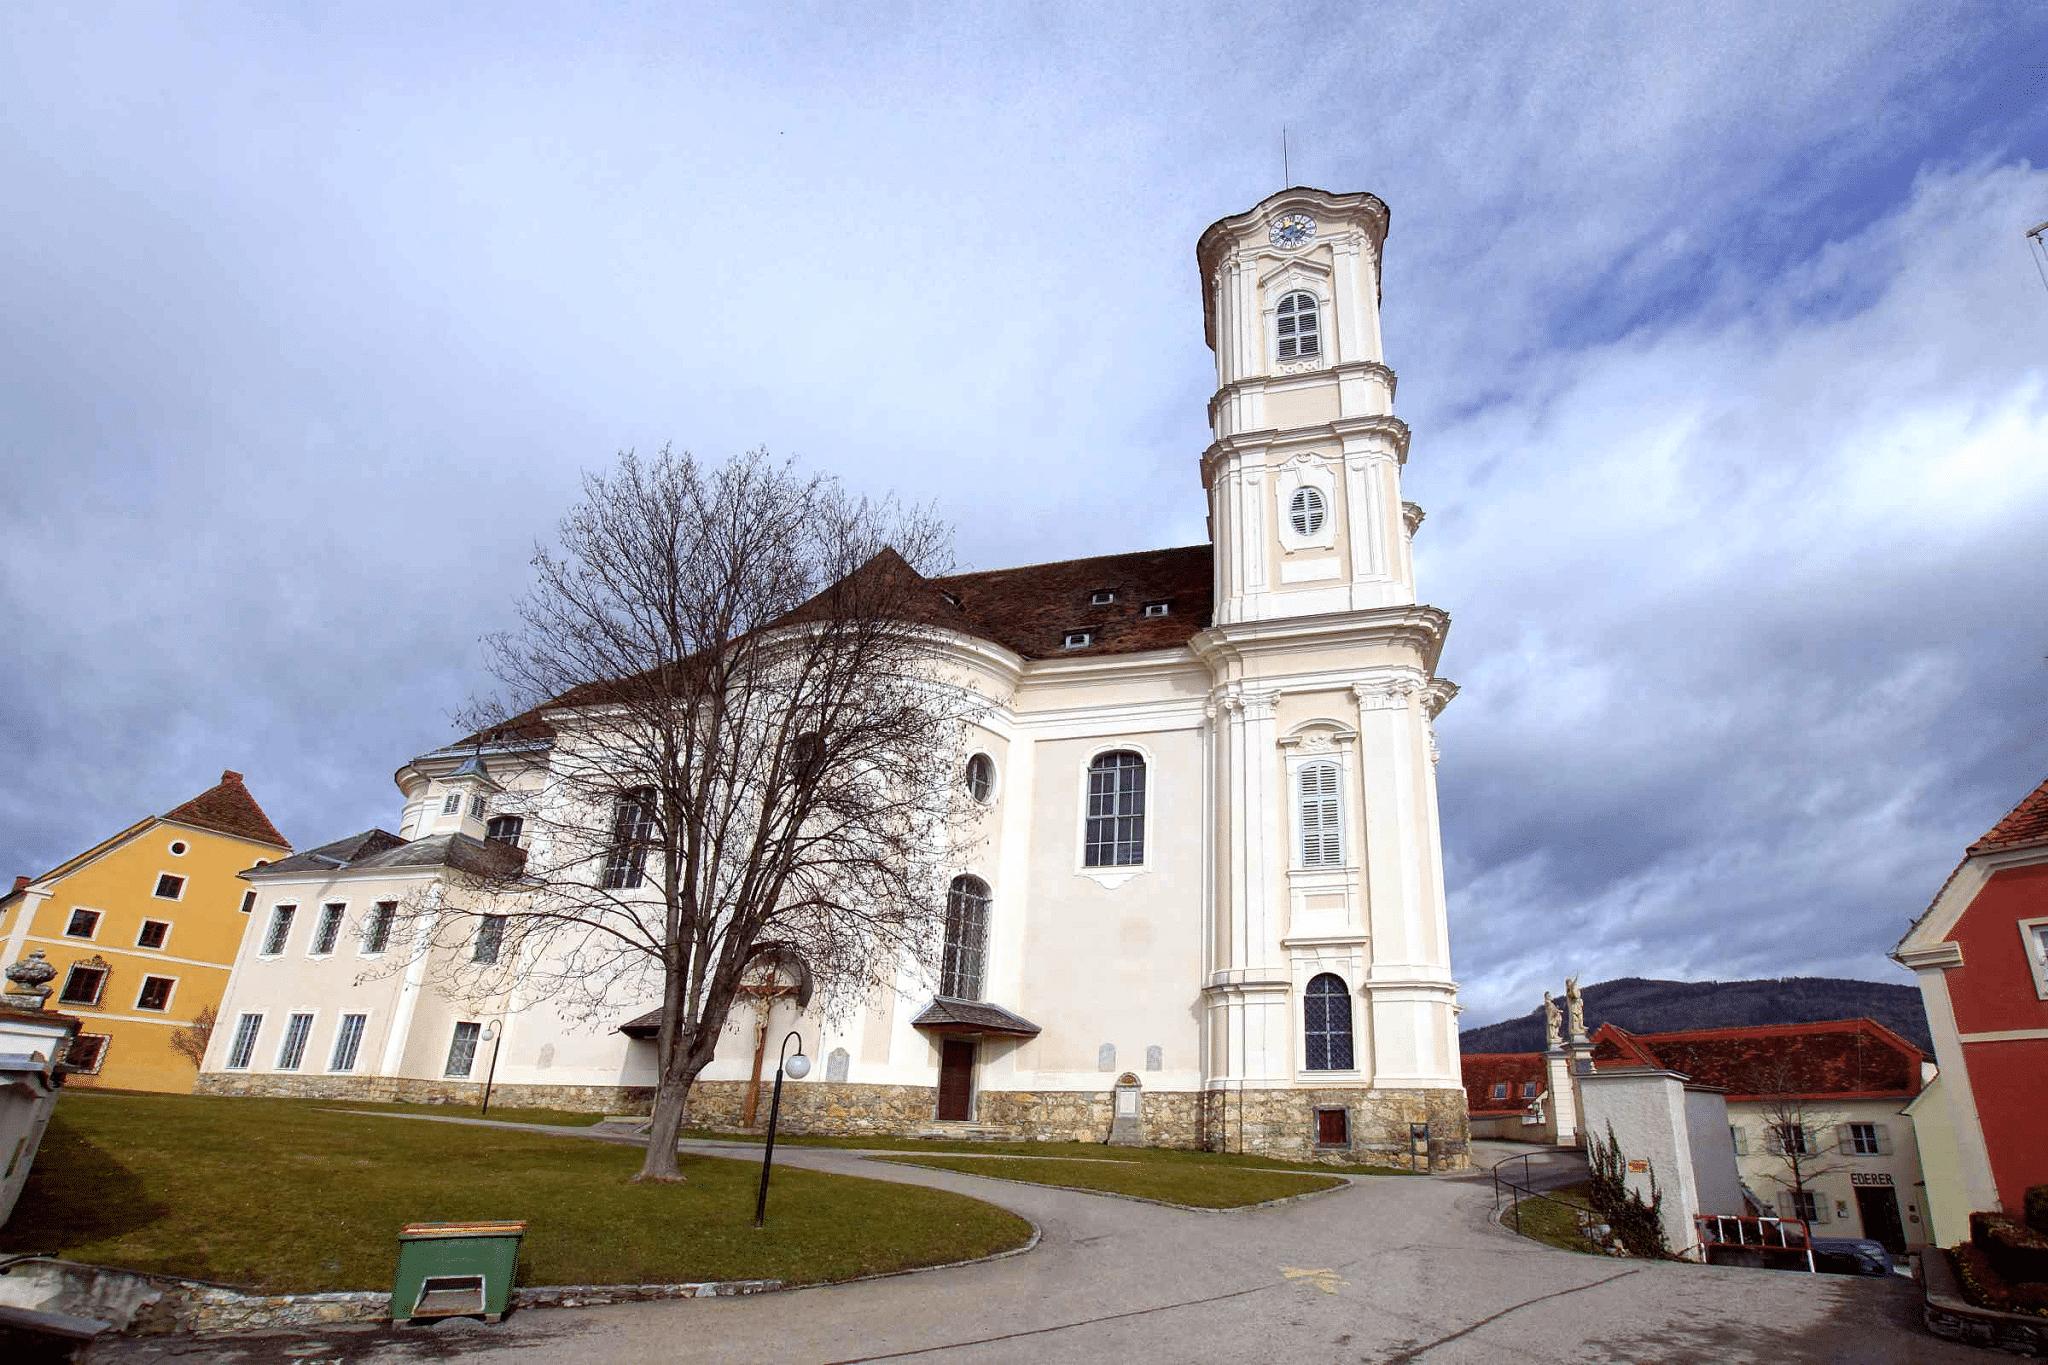 Basilika am Weizberg Außenansicht